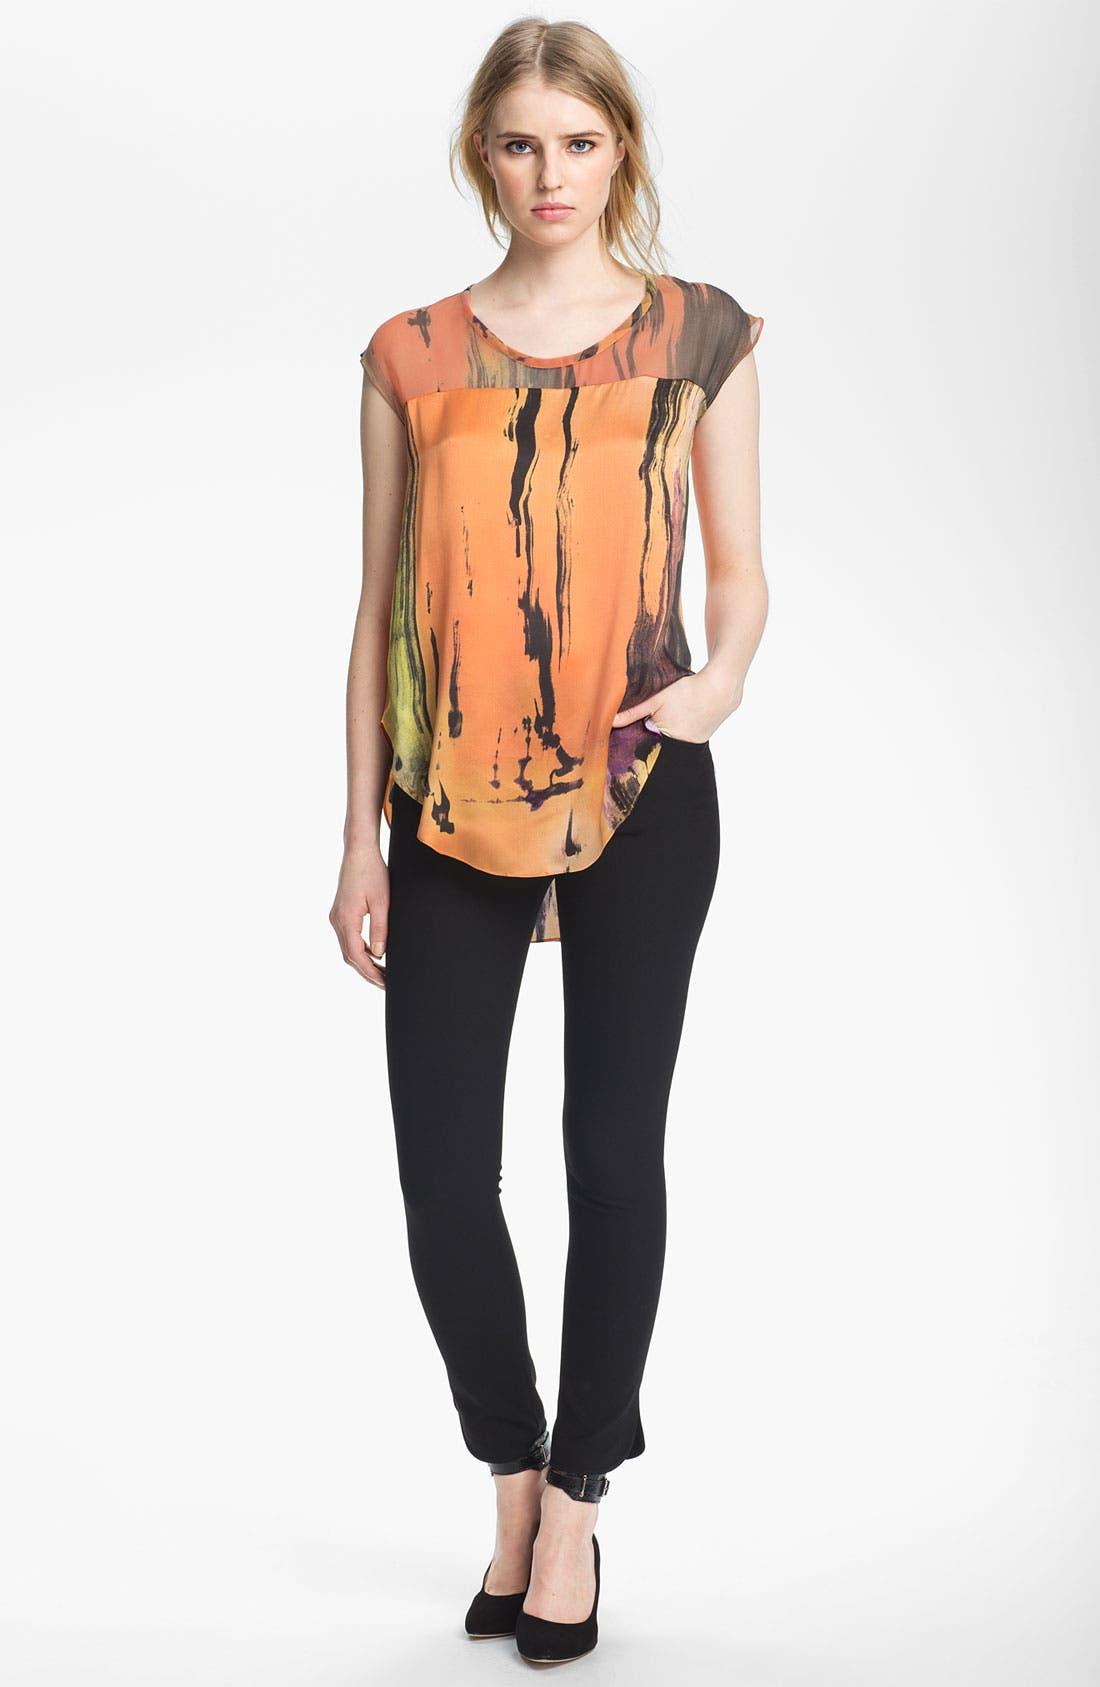 Alternate Image 1 Selected - Elizabeth and James 'Kari' Print Silk Top